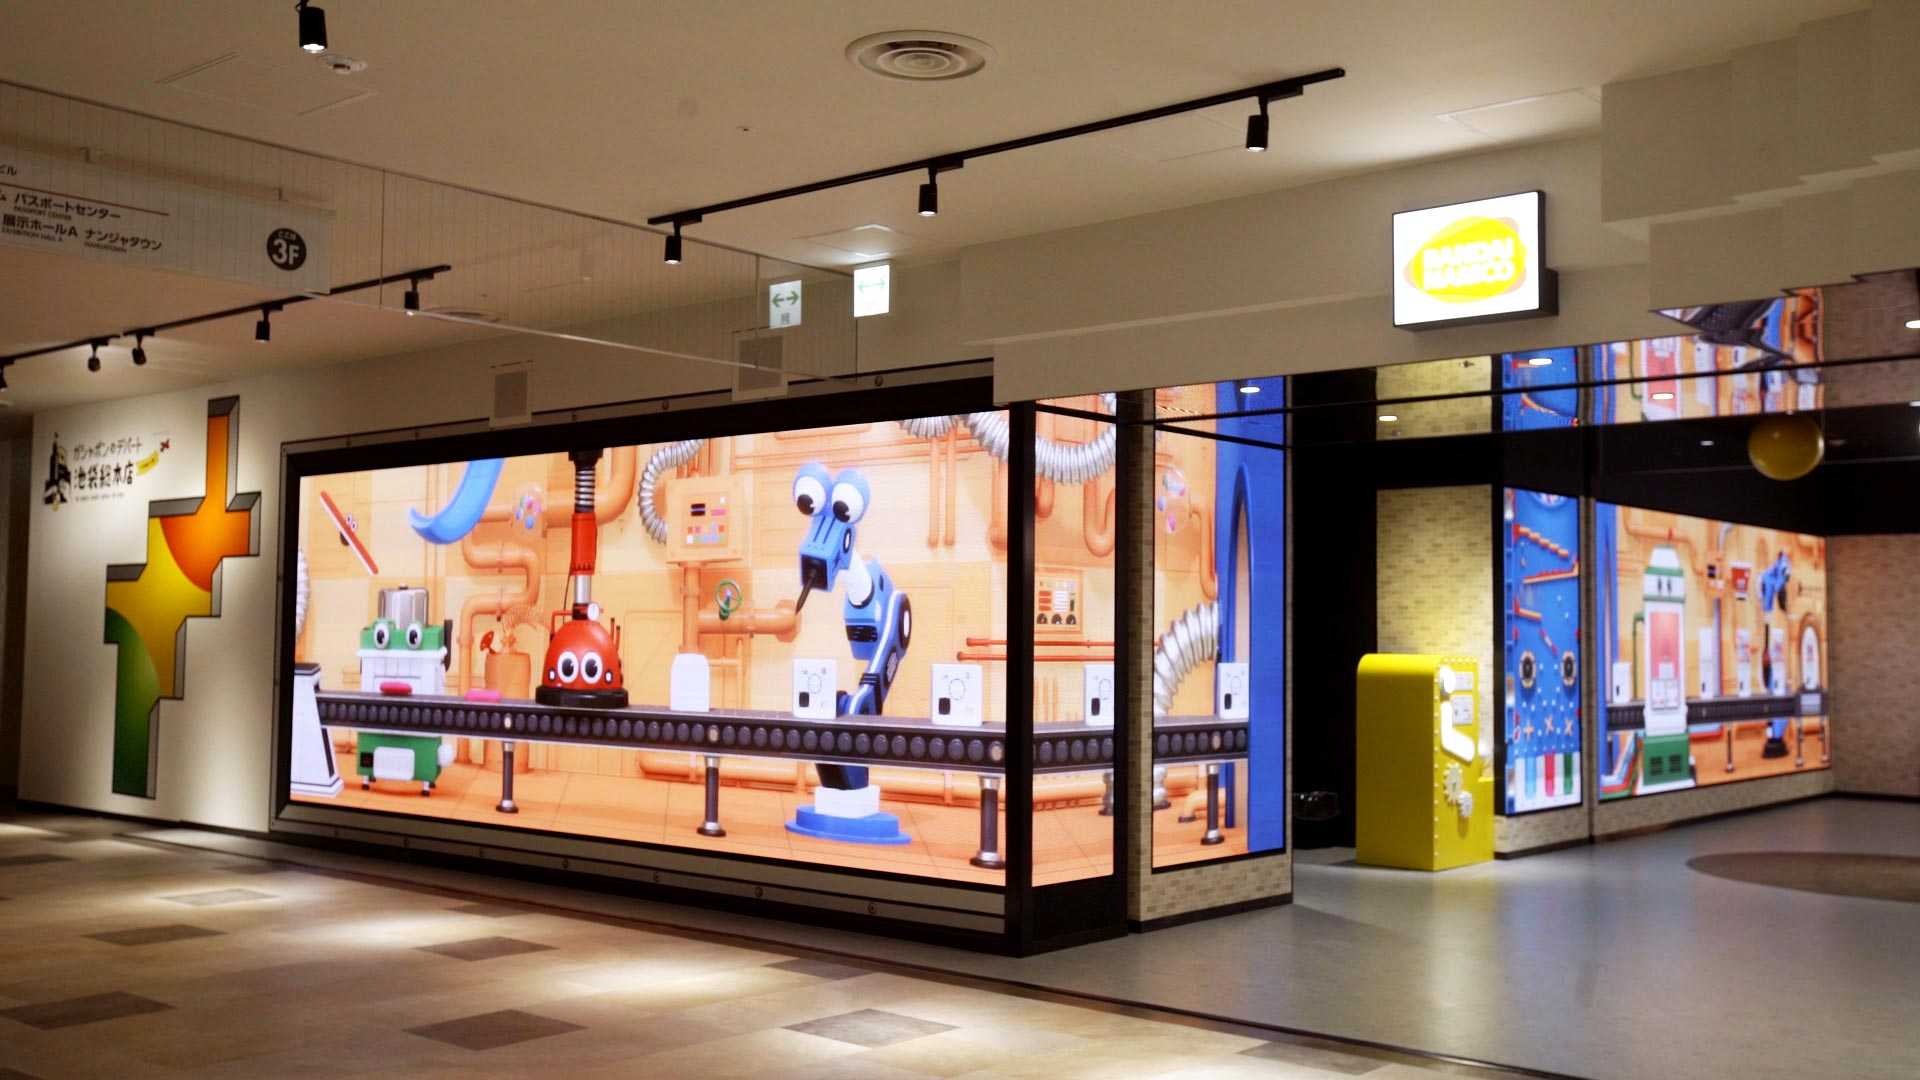 バンダイナムコアミューズメント「ガシャポンのデパート」池袋総本店 インタラクティブエントランス映像